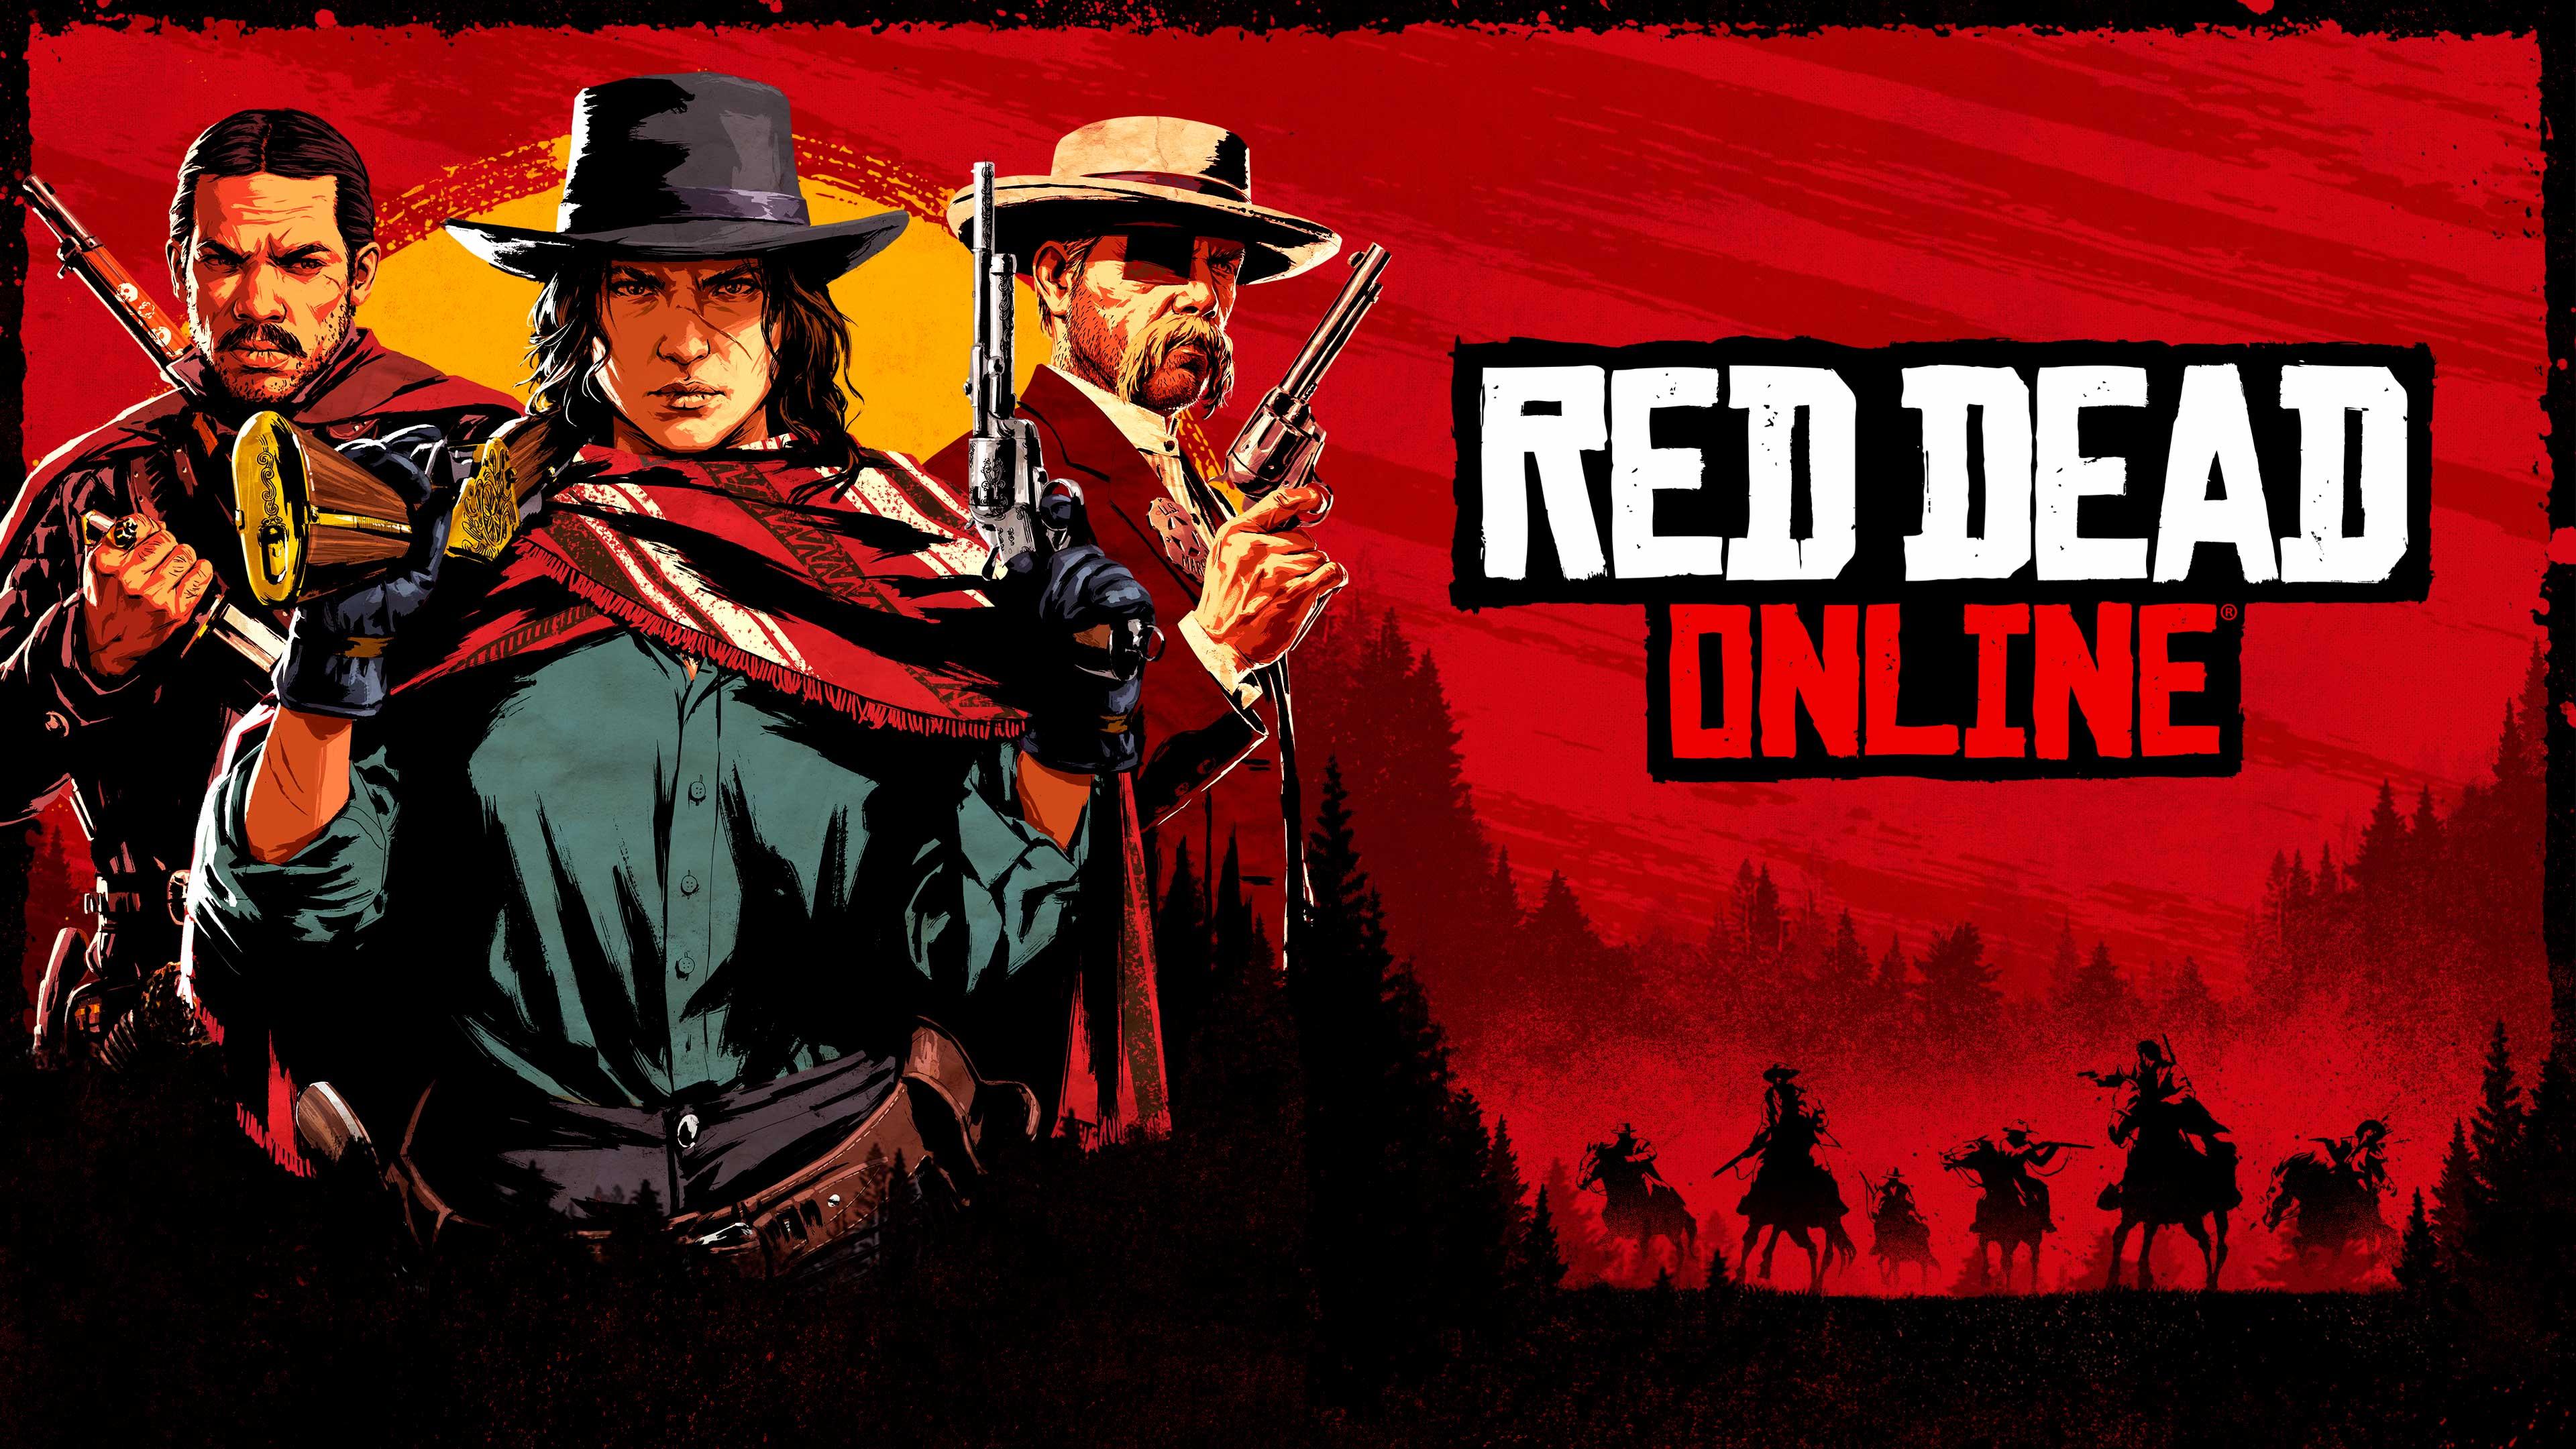 Red Dead Online jako samodzielna gra PC/XBOX/PS